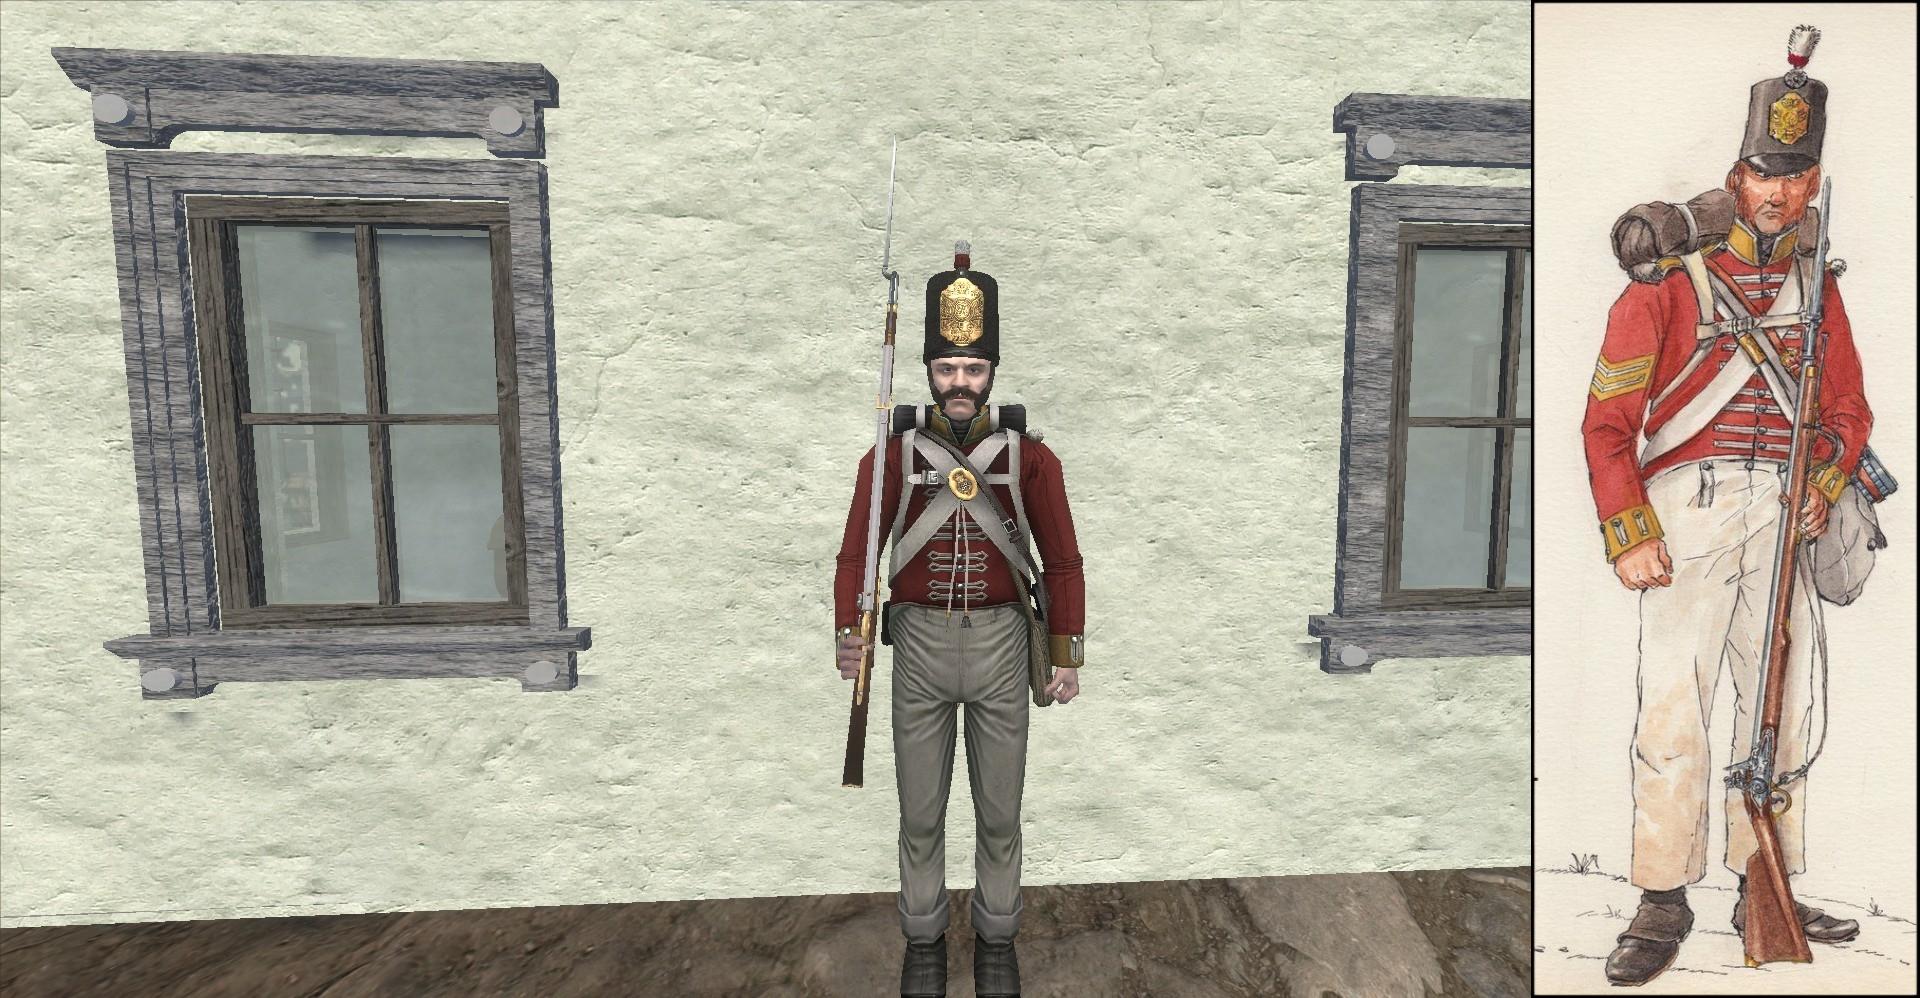 88th Regiment of Foot